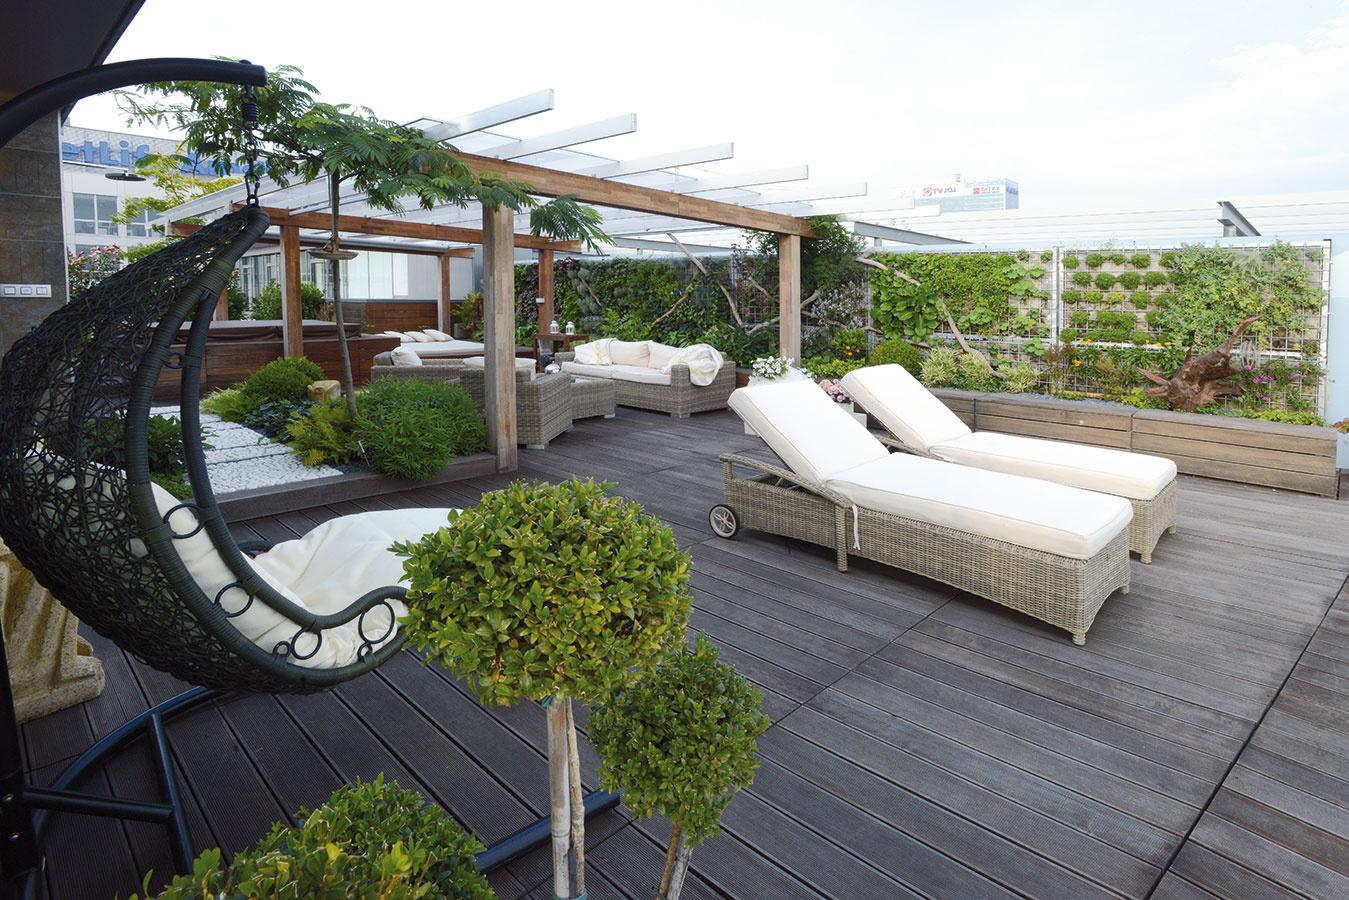 Na terase na najvyššom podlaží navrhli architekti exoticky pôsobiacu oázu oddychu, ktorej rámec vytvorila zelená stena. Podlahu ztíkového dreva oživujú vyvýšené miesta osadené zeleňou, nechýba pohodlný ratanový nábytok ani vírivka.